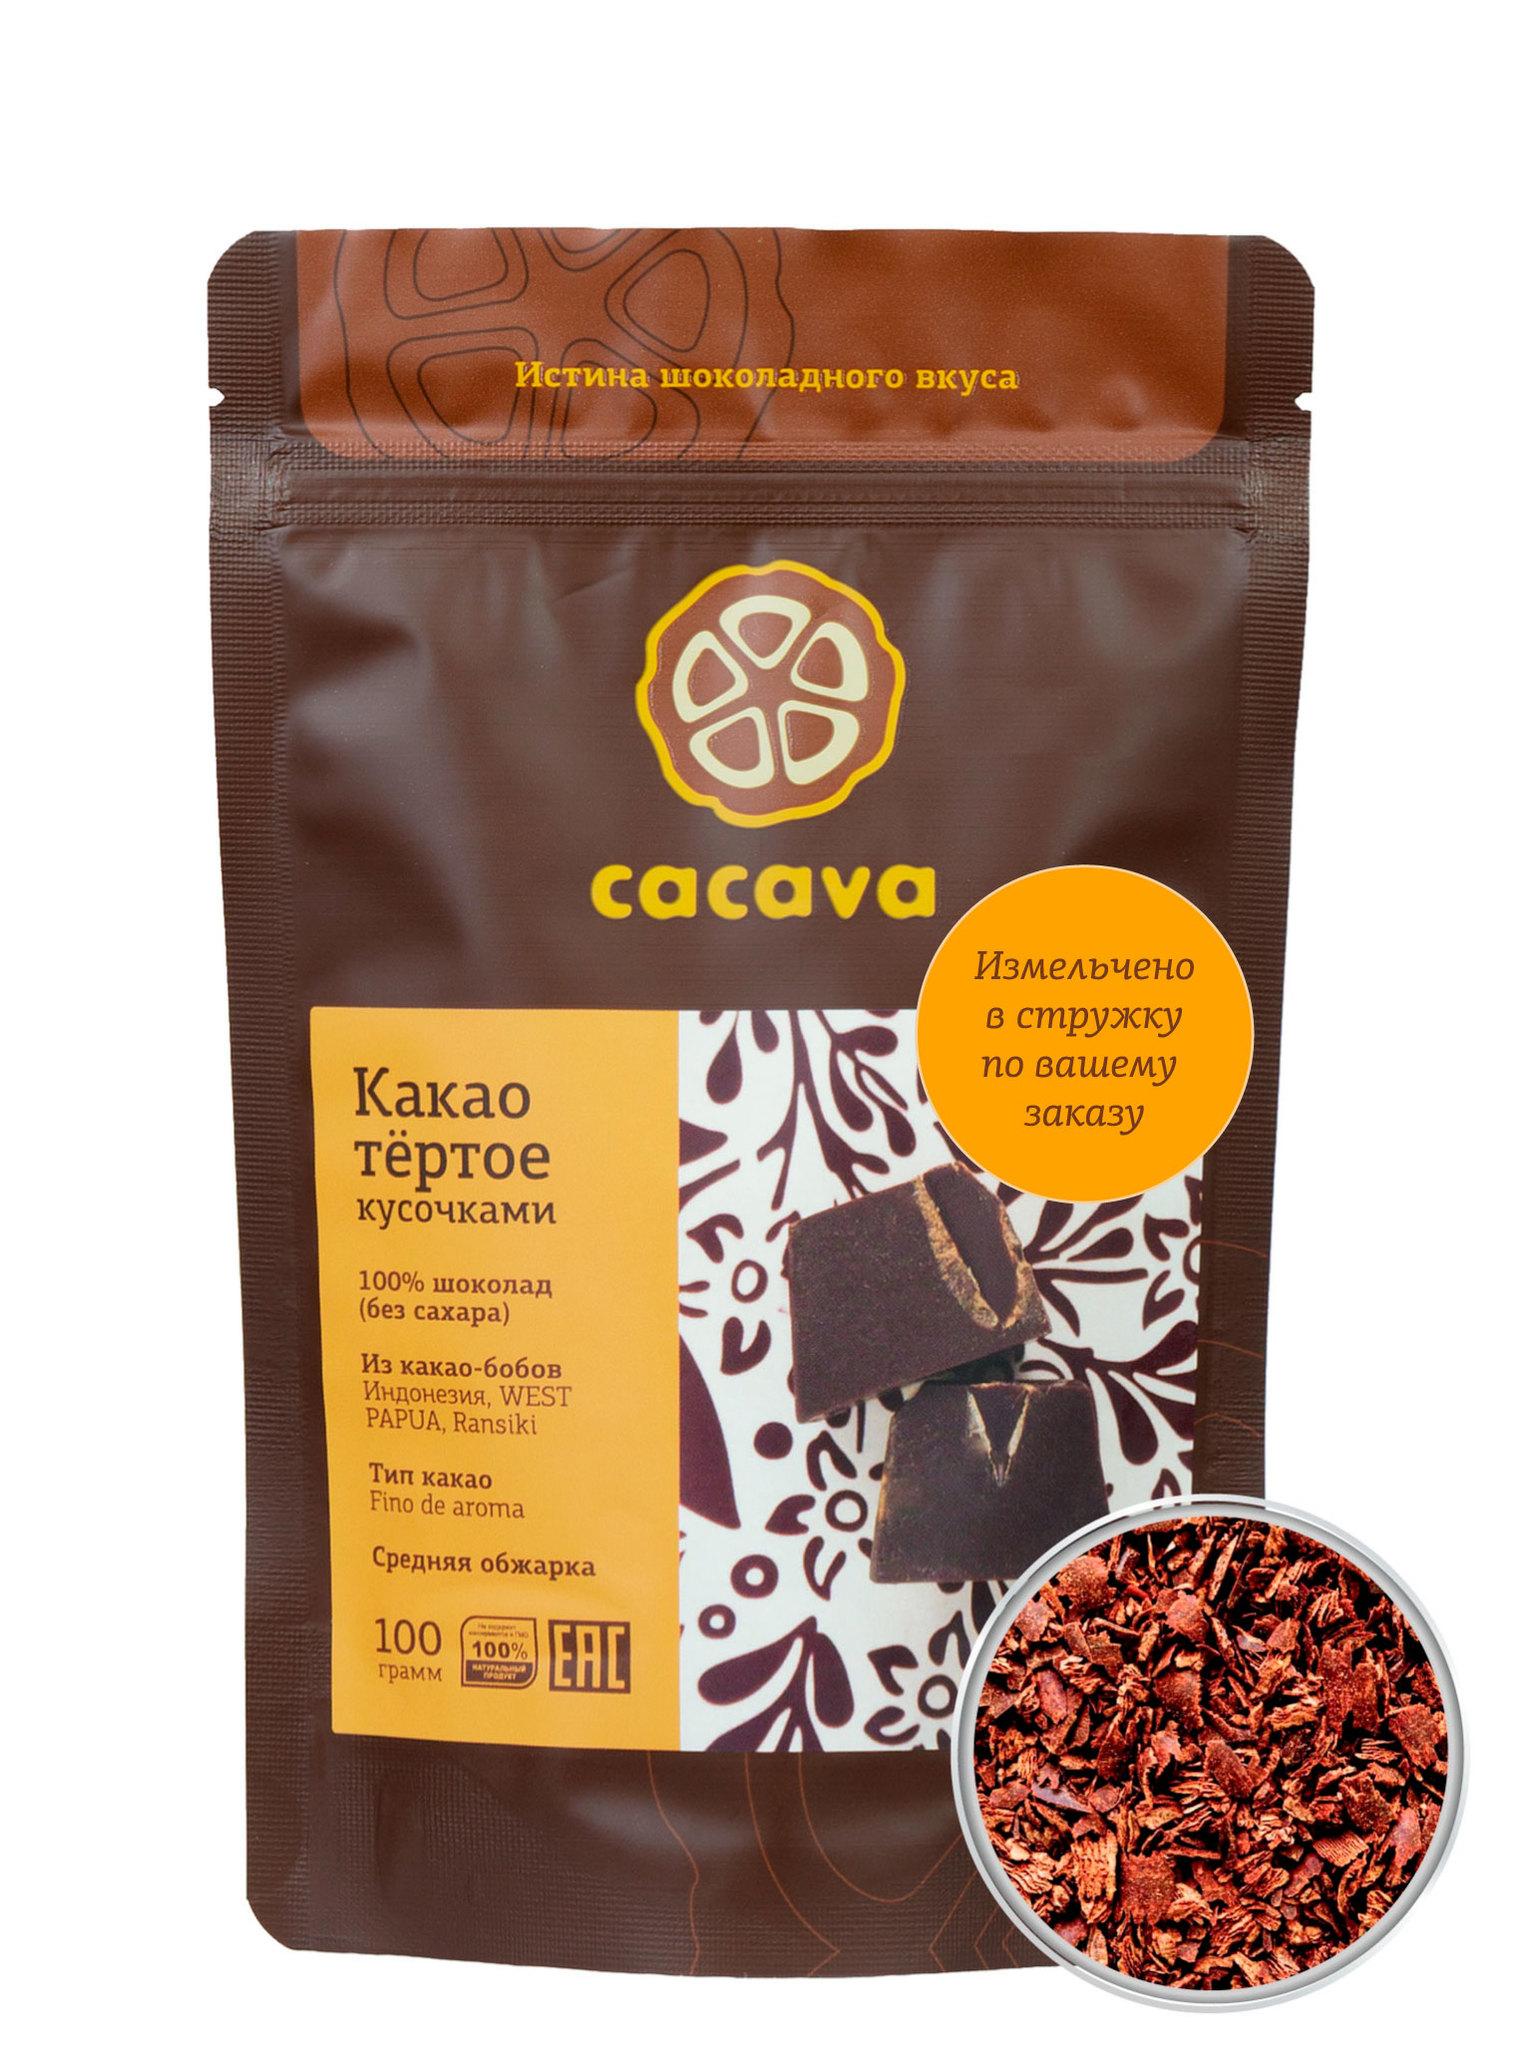 Какао тёртое в стружке (Индонезия, WEST PAPUA, Ransiki), упаковка 100 грамм